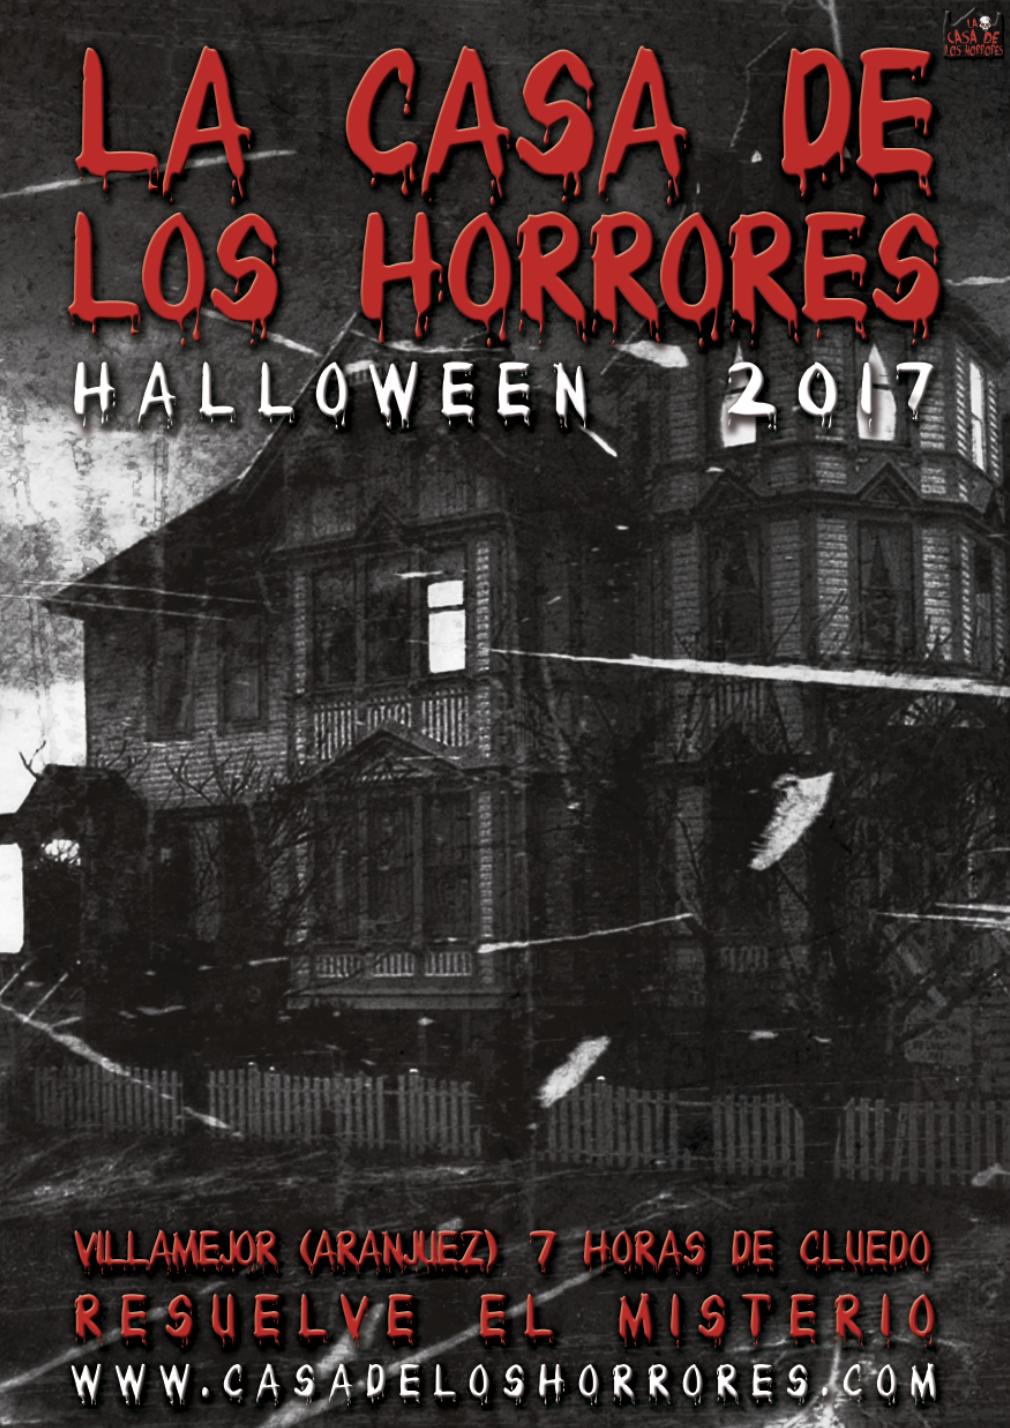 La Casa de los Horrores